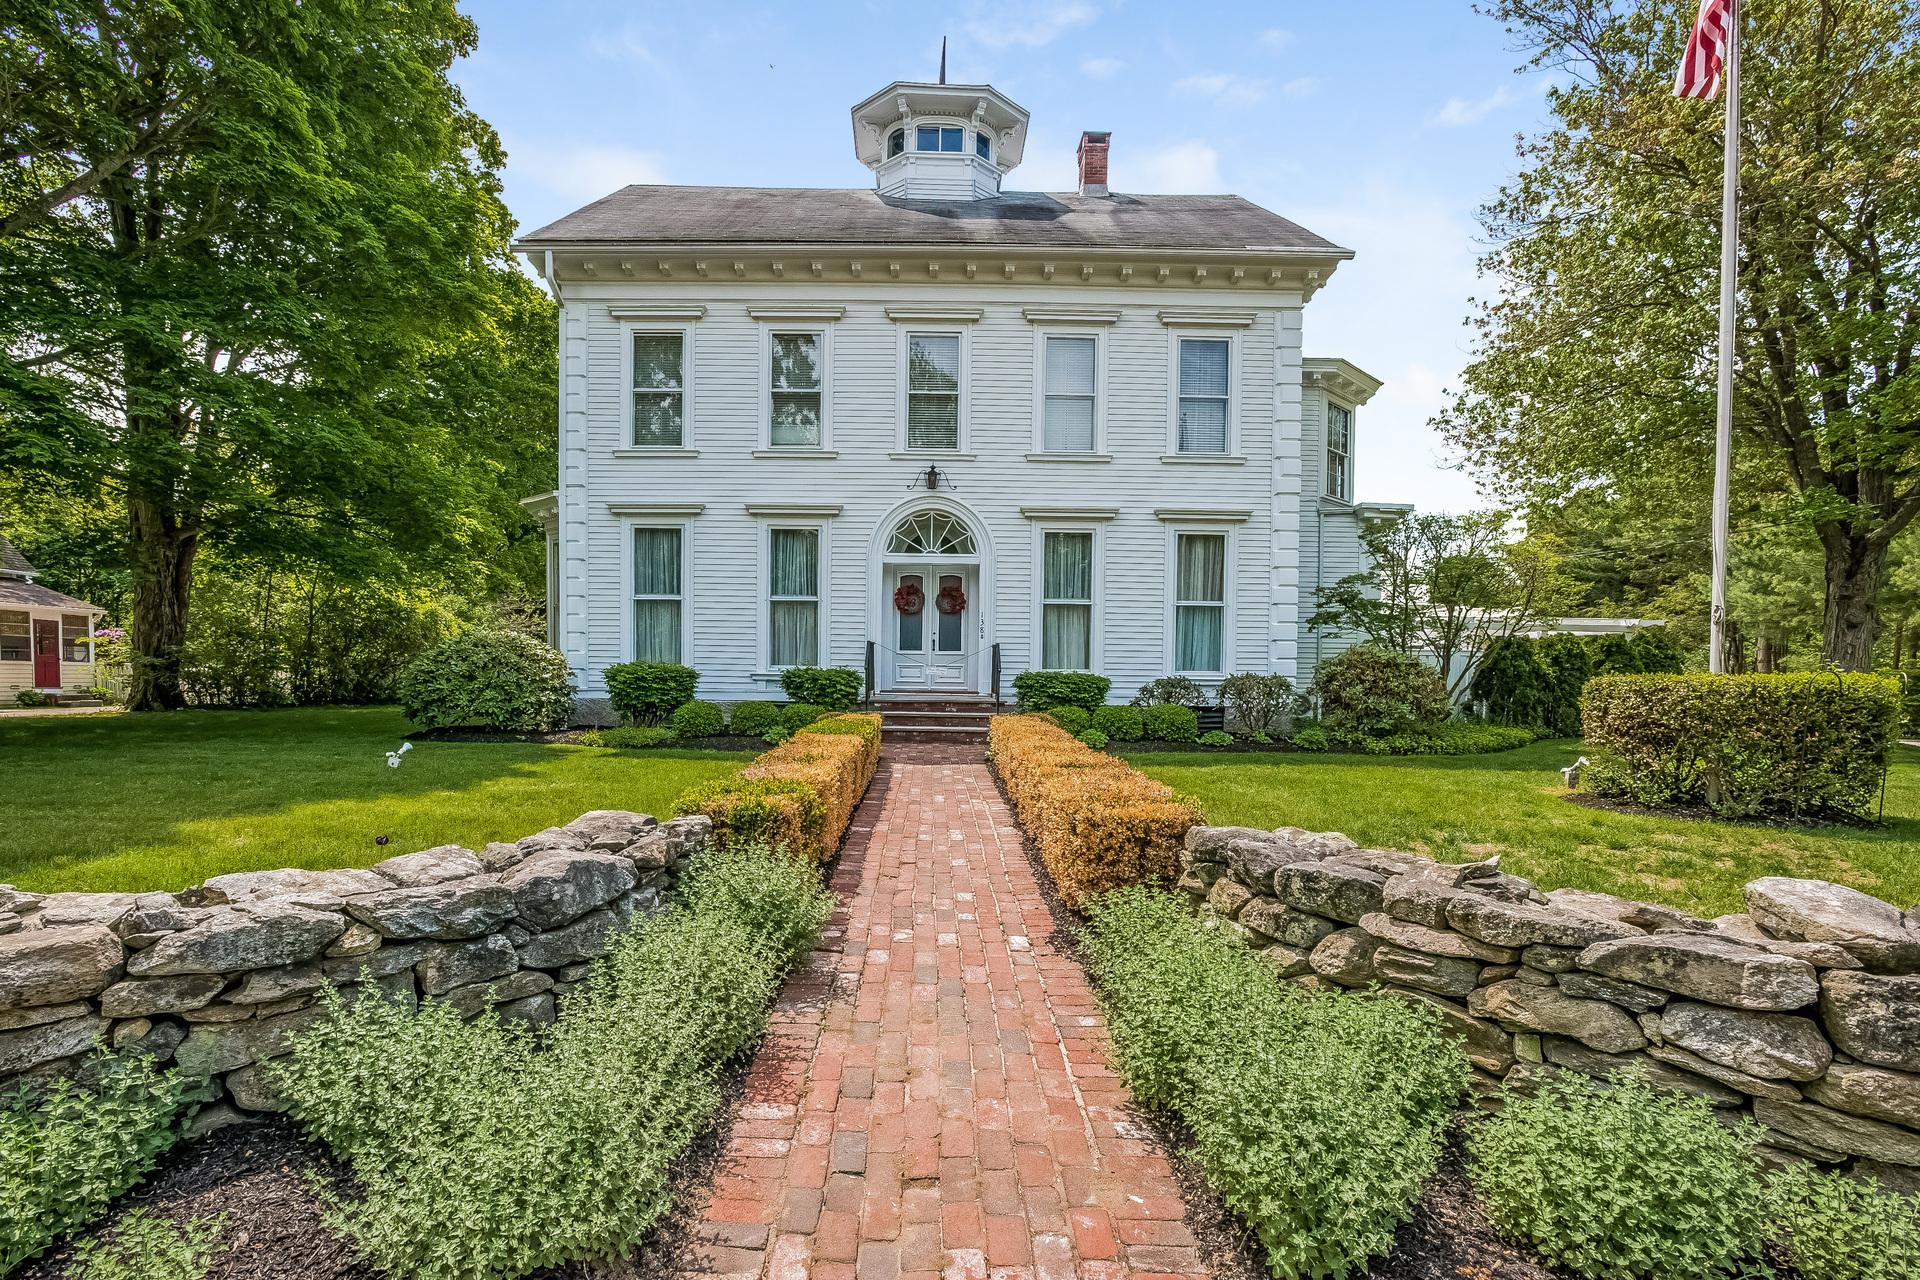 独户住宅 为 销售 在 138 South Main St Westbrook, 康涅狄格州 06498 美国